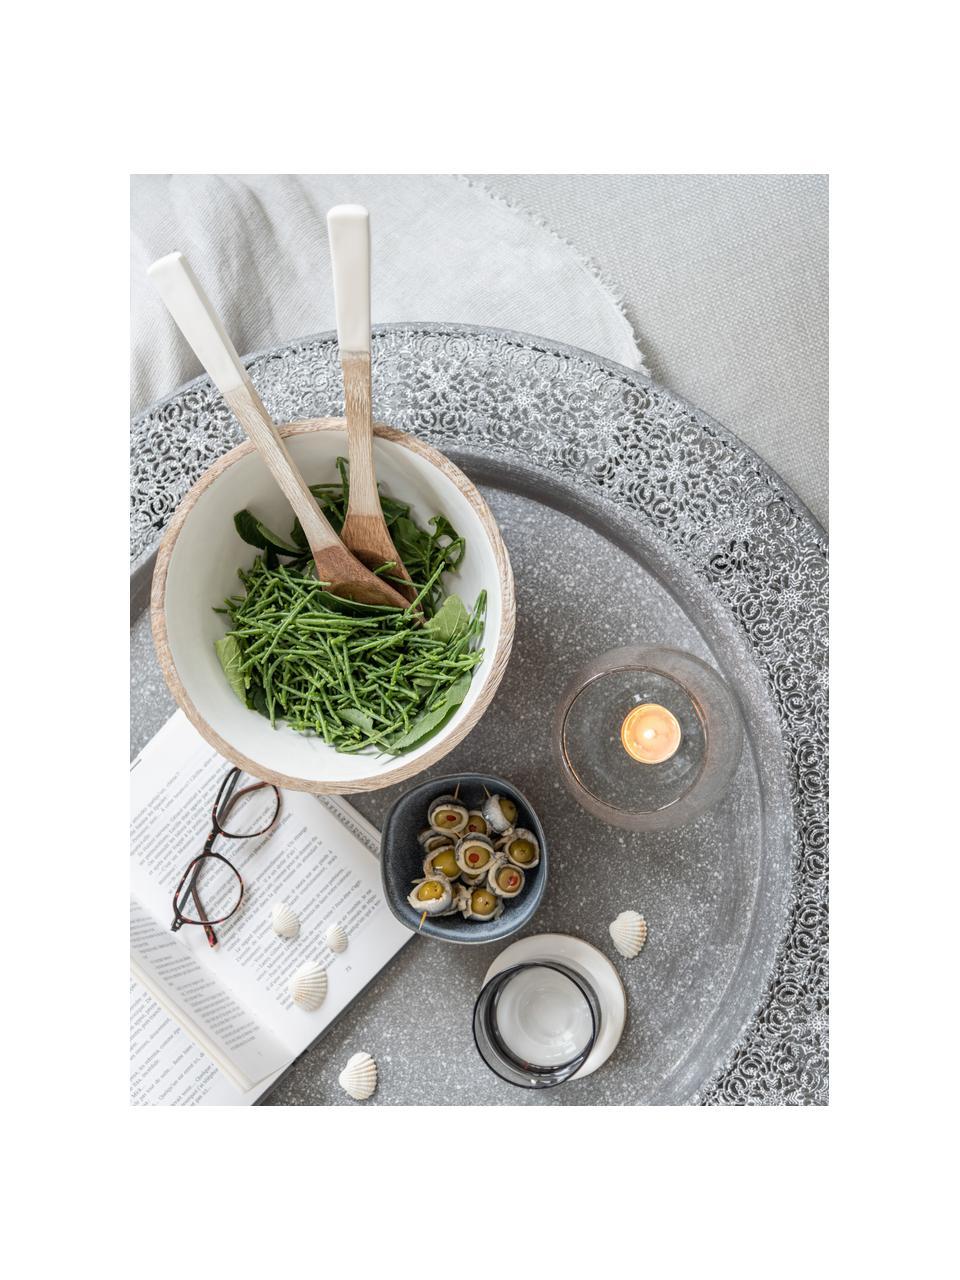 Salatbesteck Lugo aus Mangoholz, 2er-Set, Mangoholz, beschichtet, Weiß, Mangoholz, L 30 cm